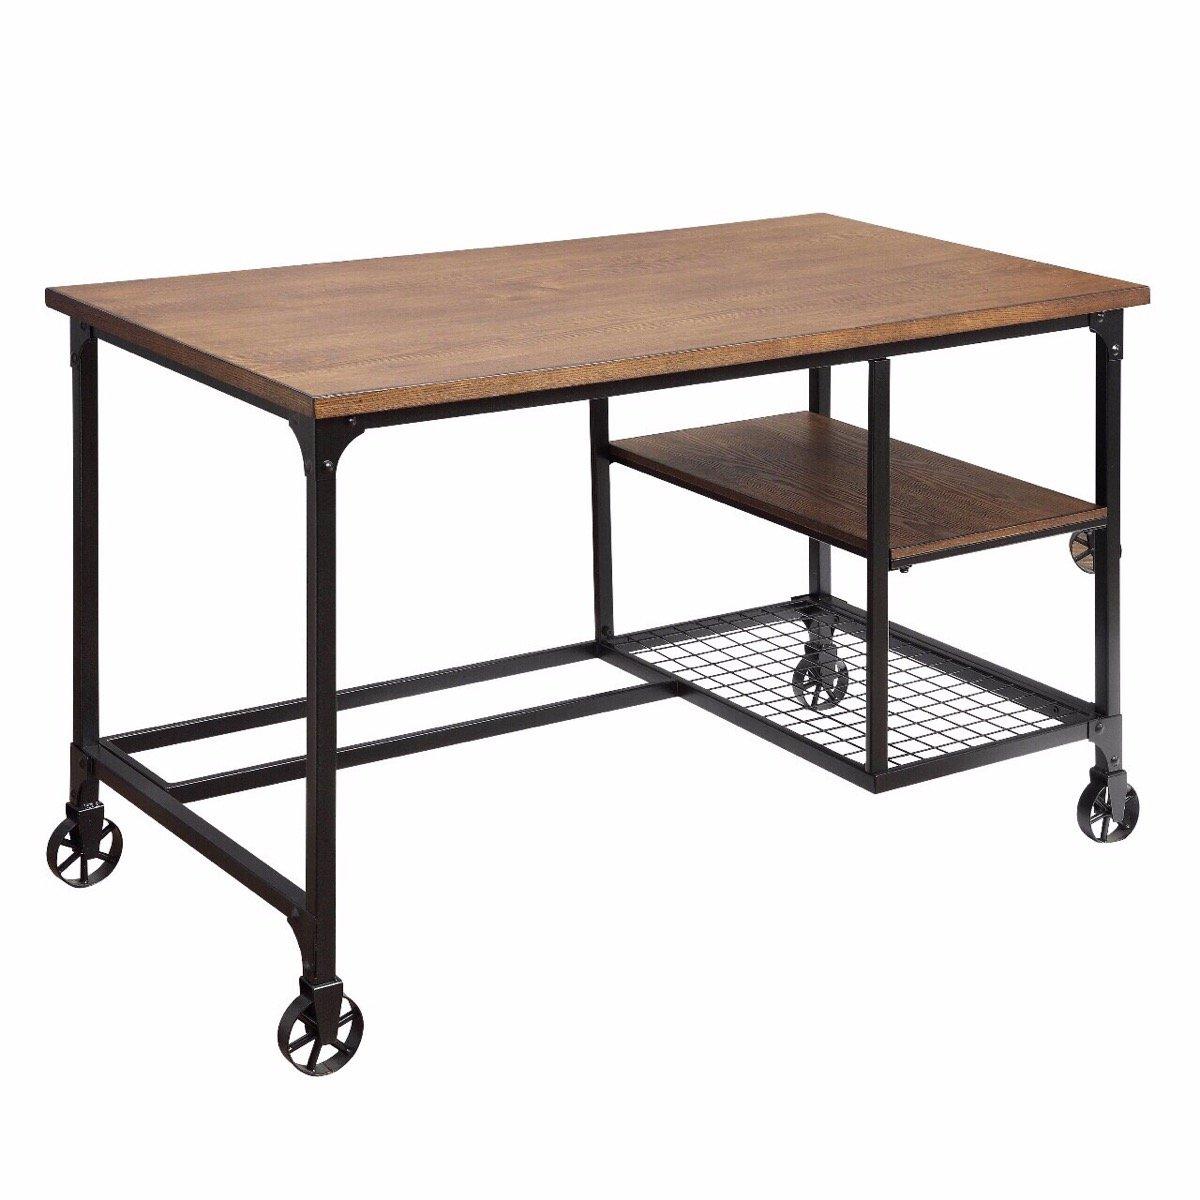 Furniture of America CM-DK6276 Cori Antique Black Desk Writing